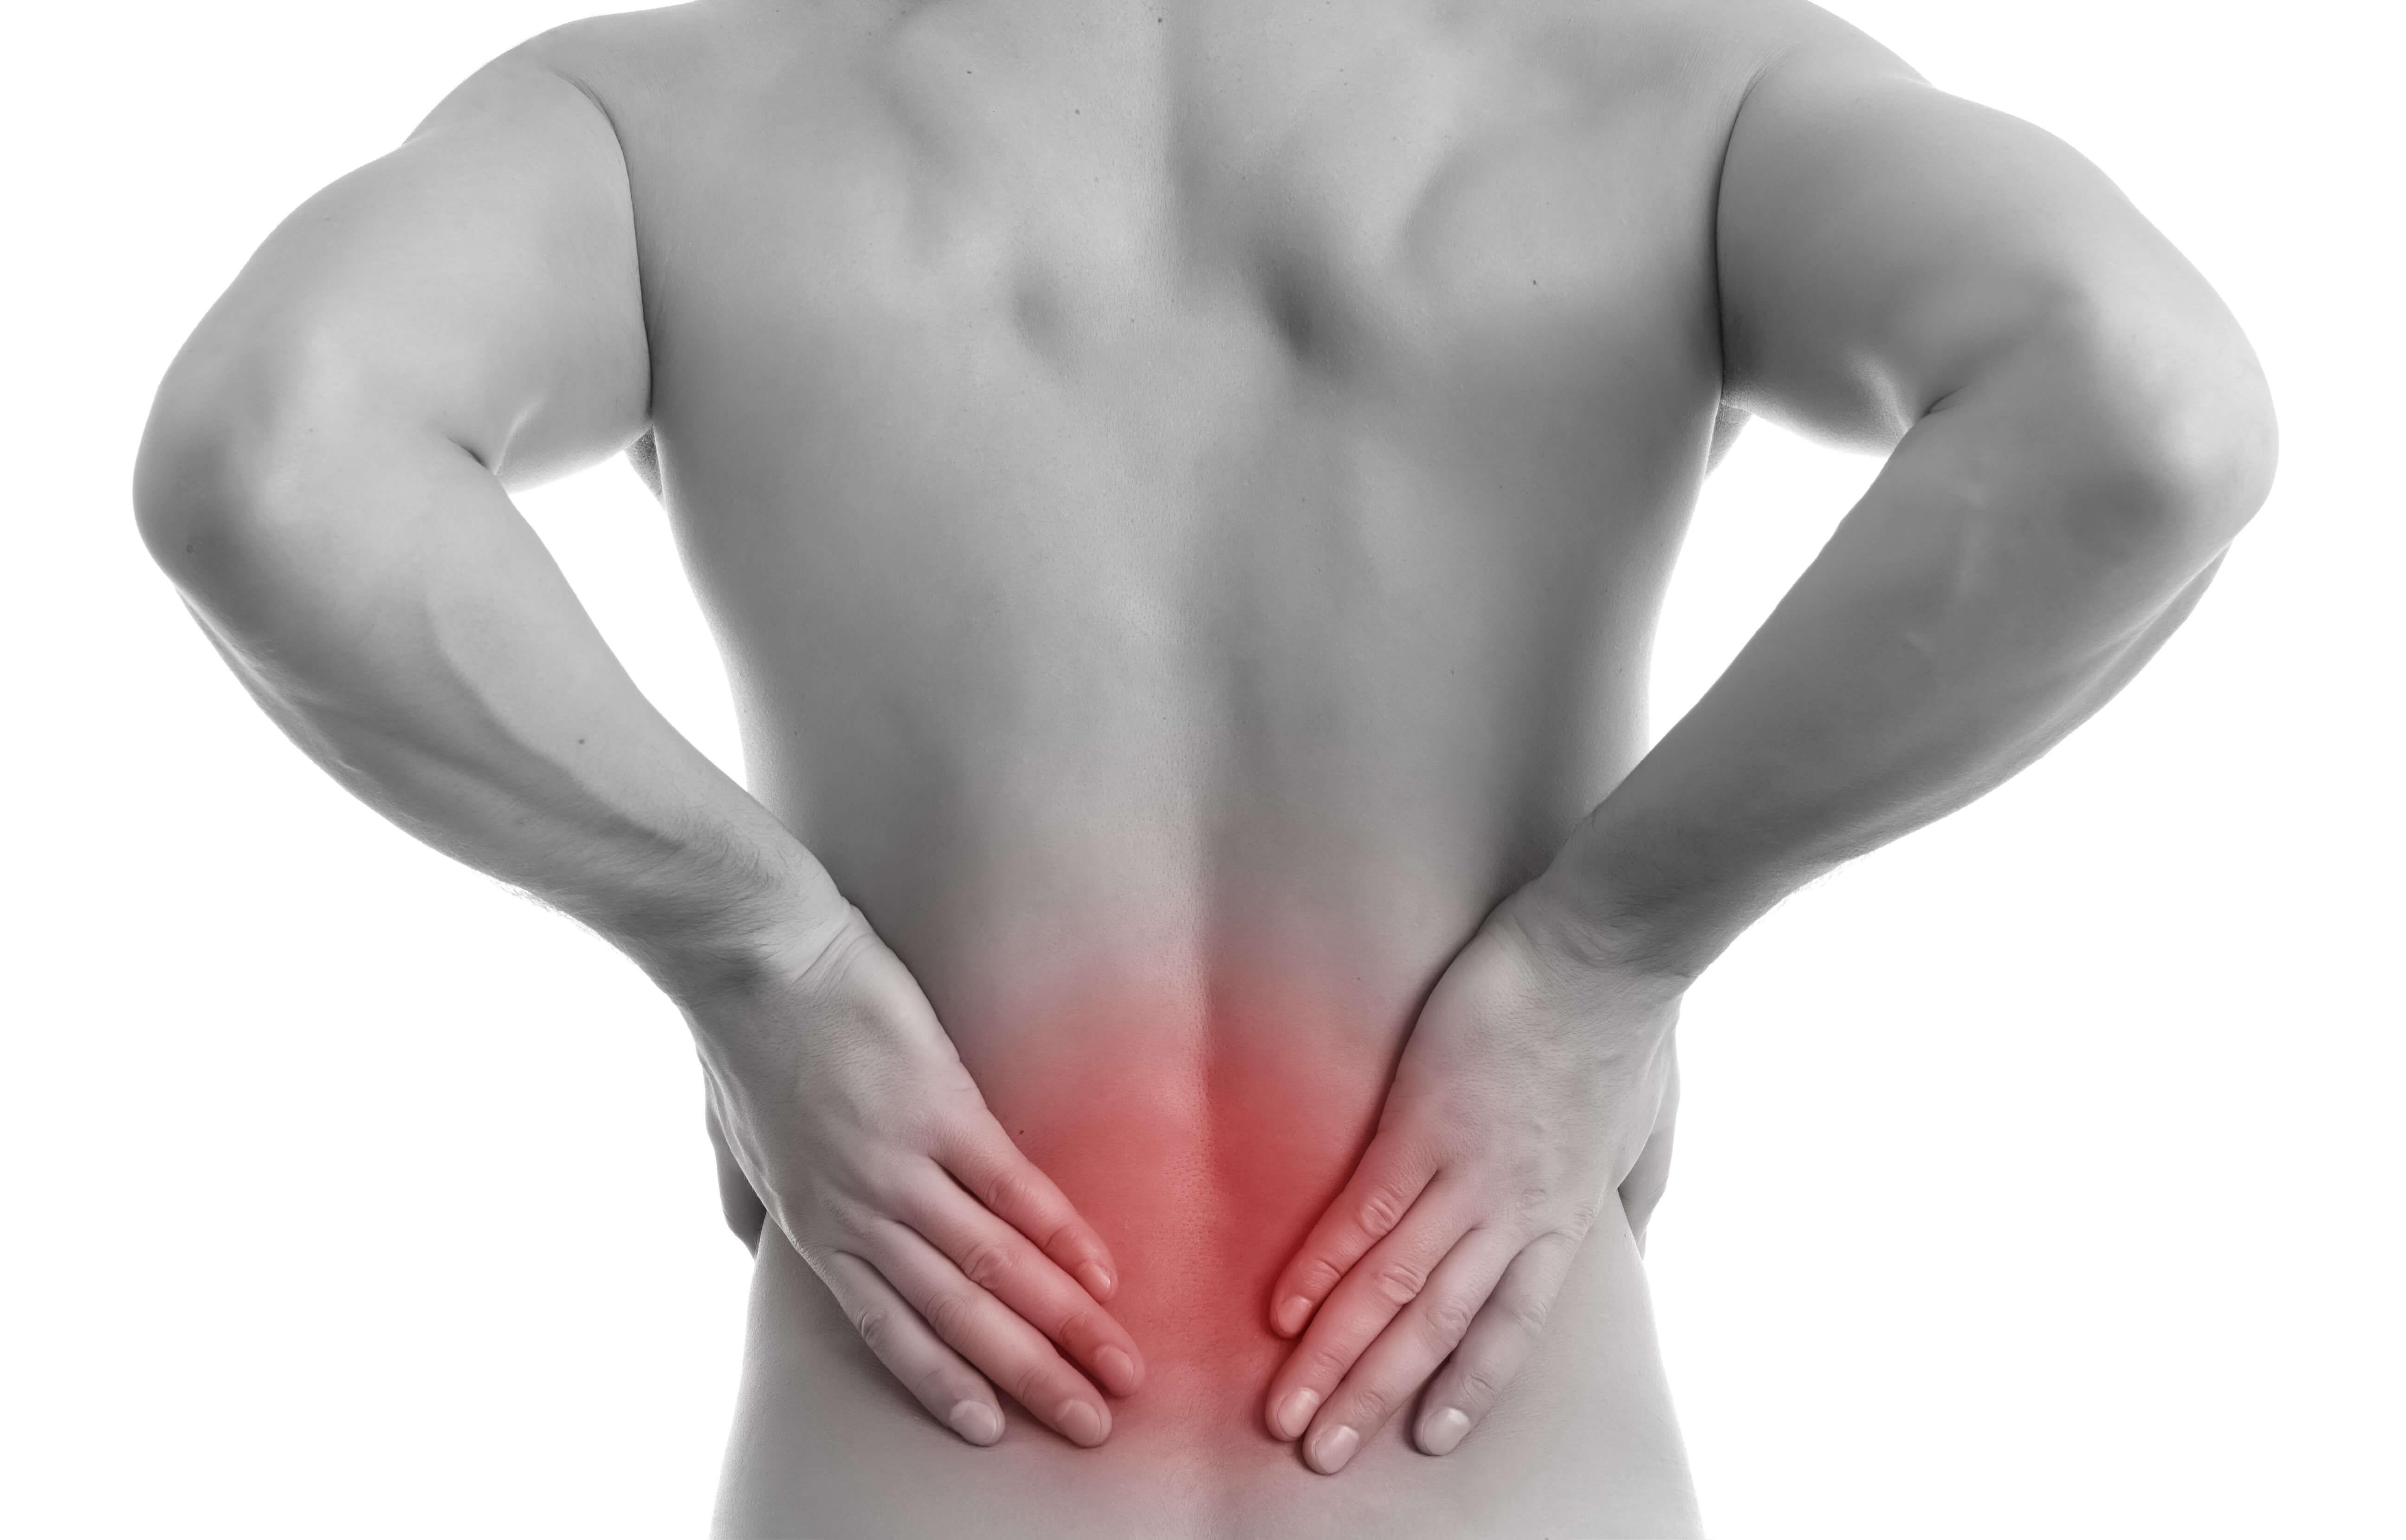 sciatica lower back pain